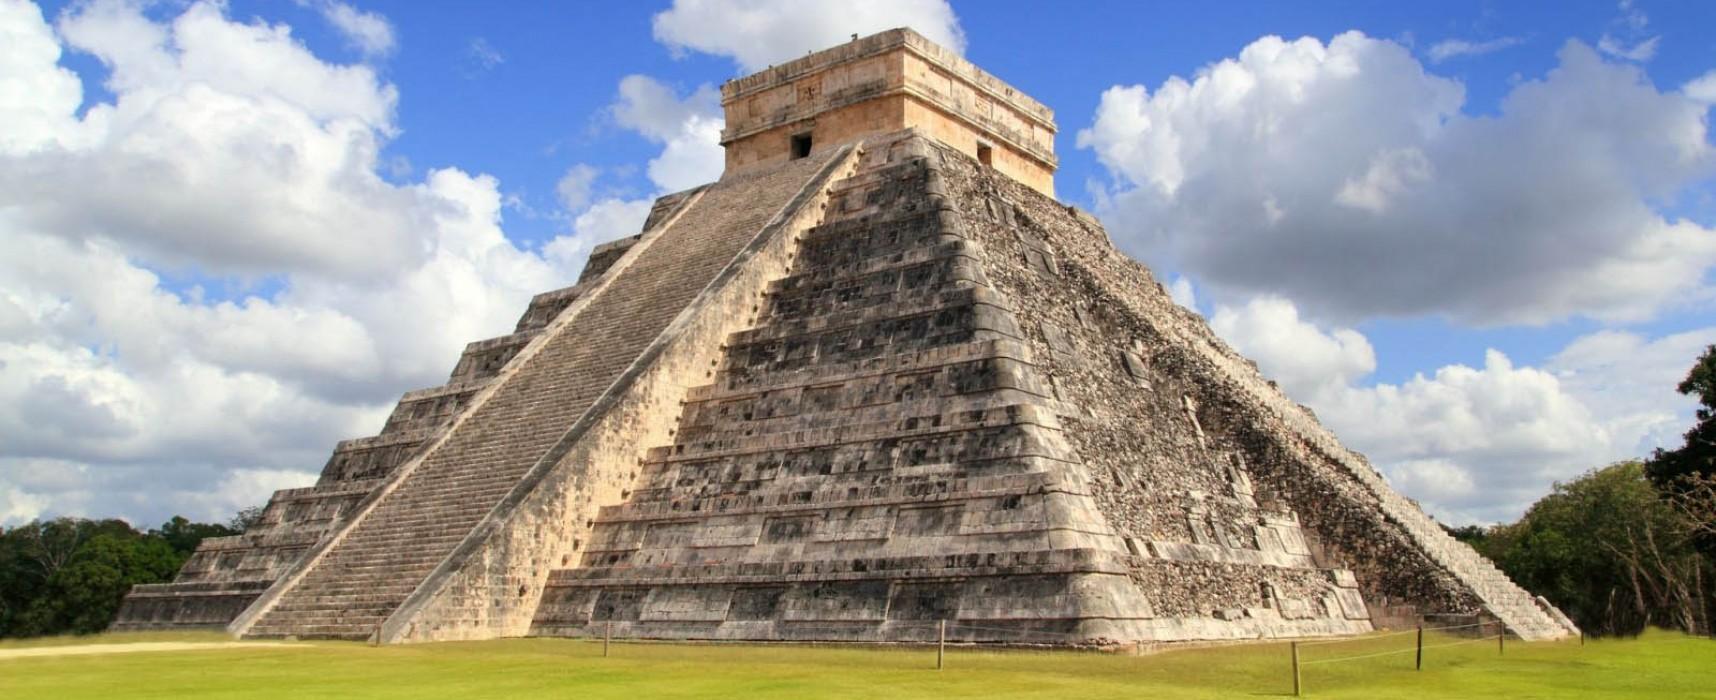 Qué ver en México?